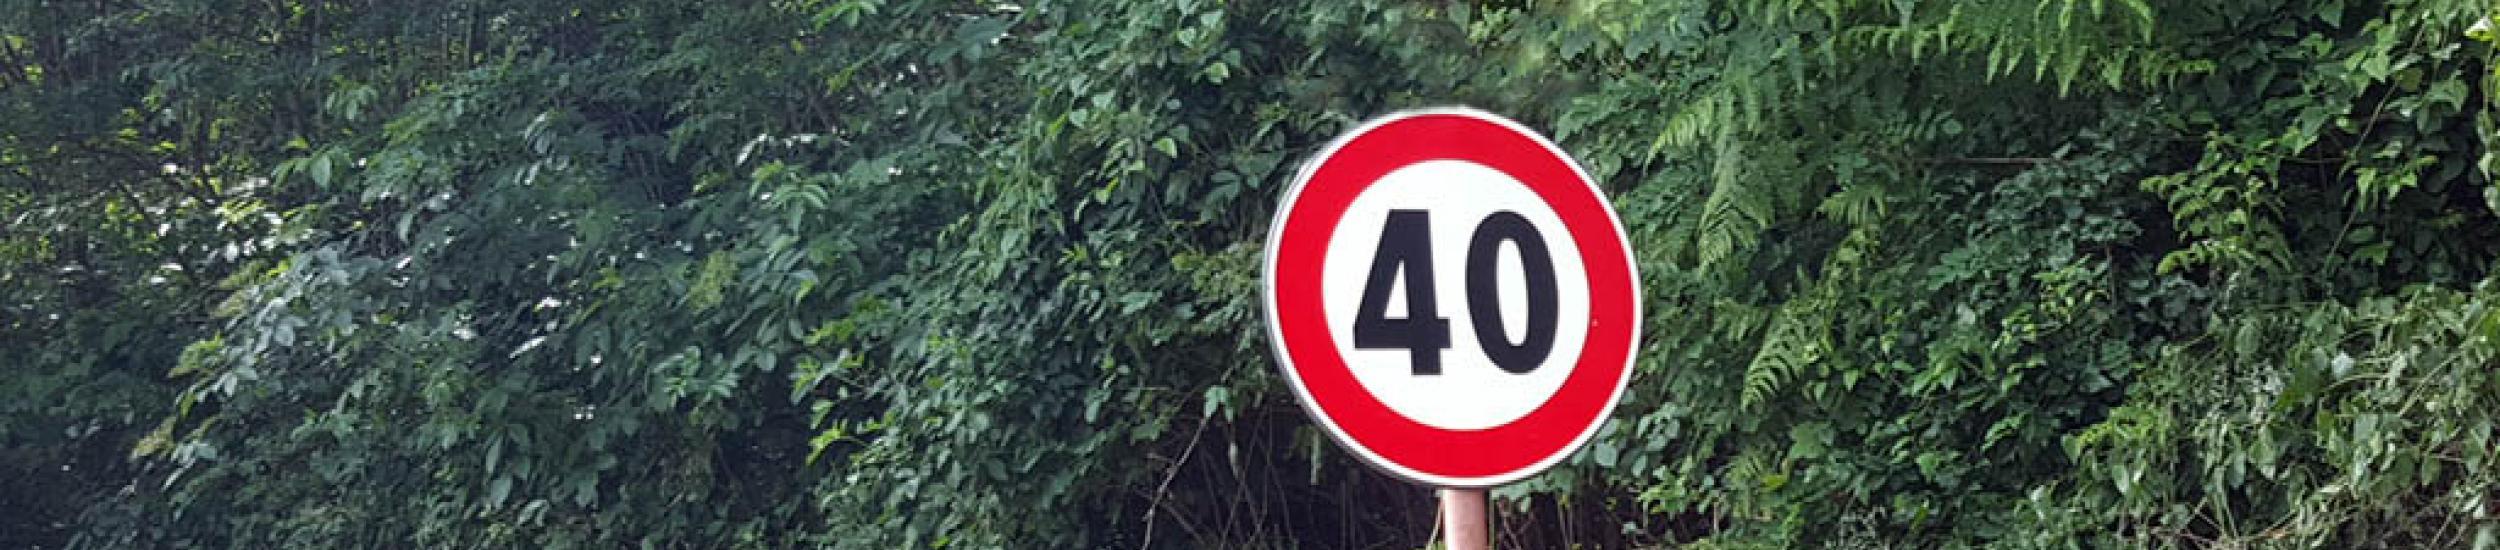 News: Strade, limite di velocità di 40 km all'ora su quattro provinciali della val trebbia